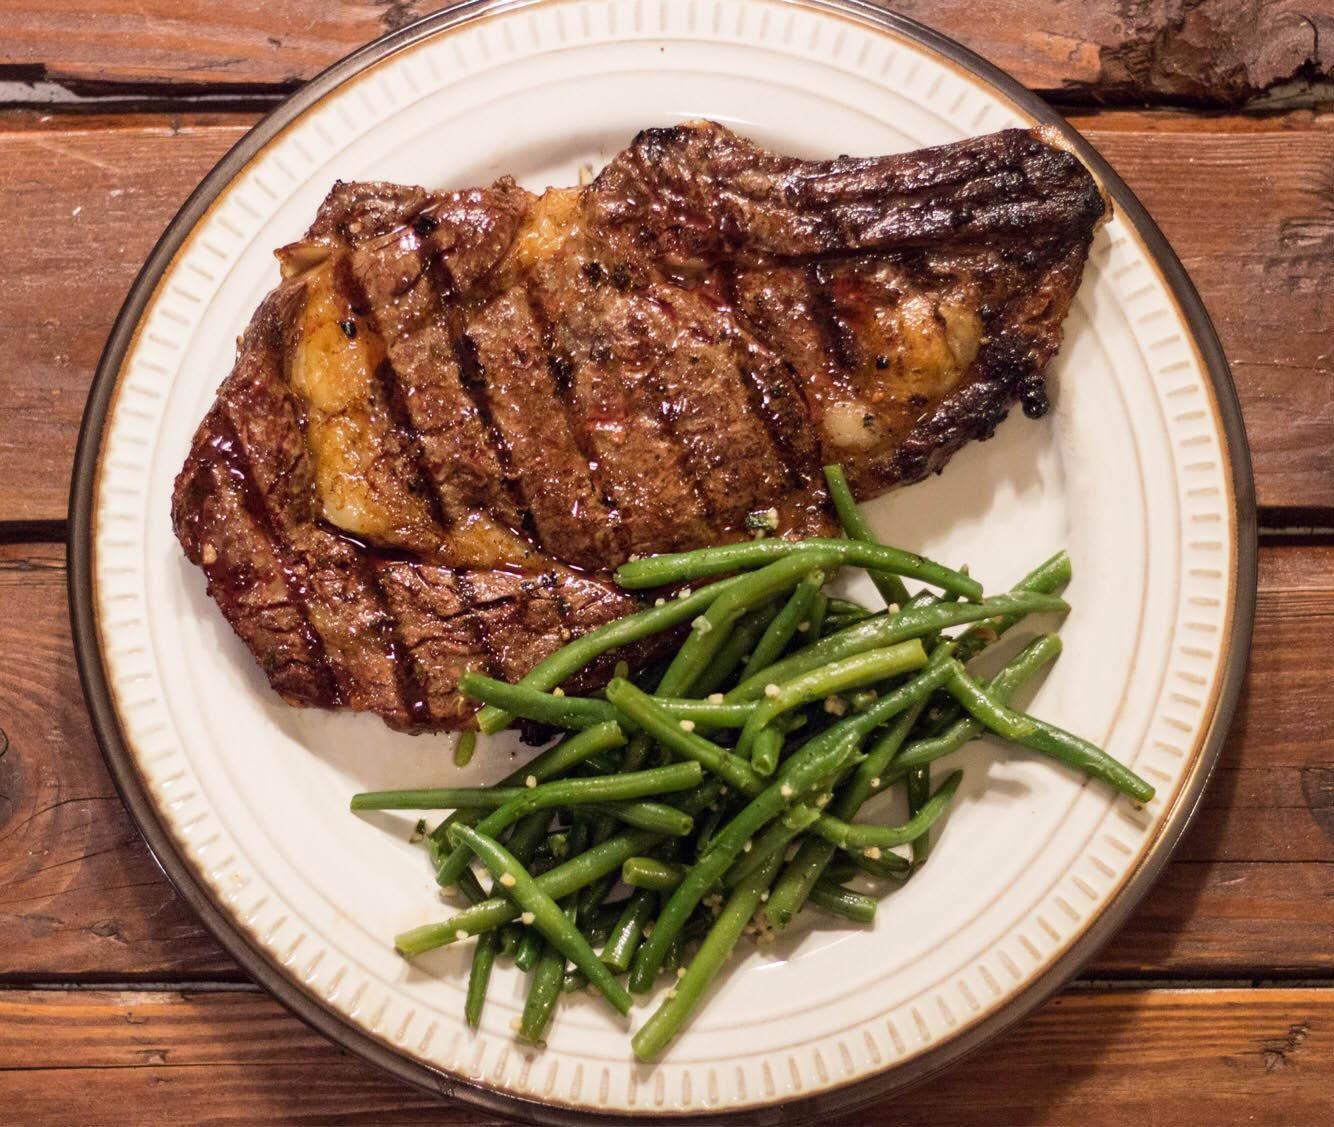 Kuipers, steak, dinner